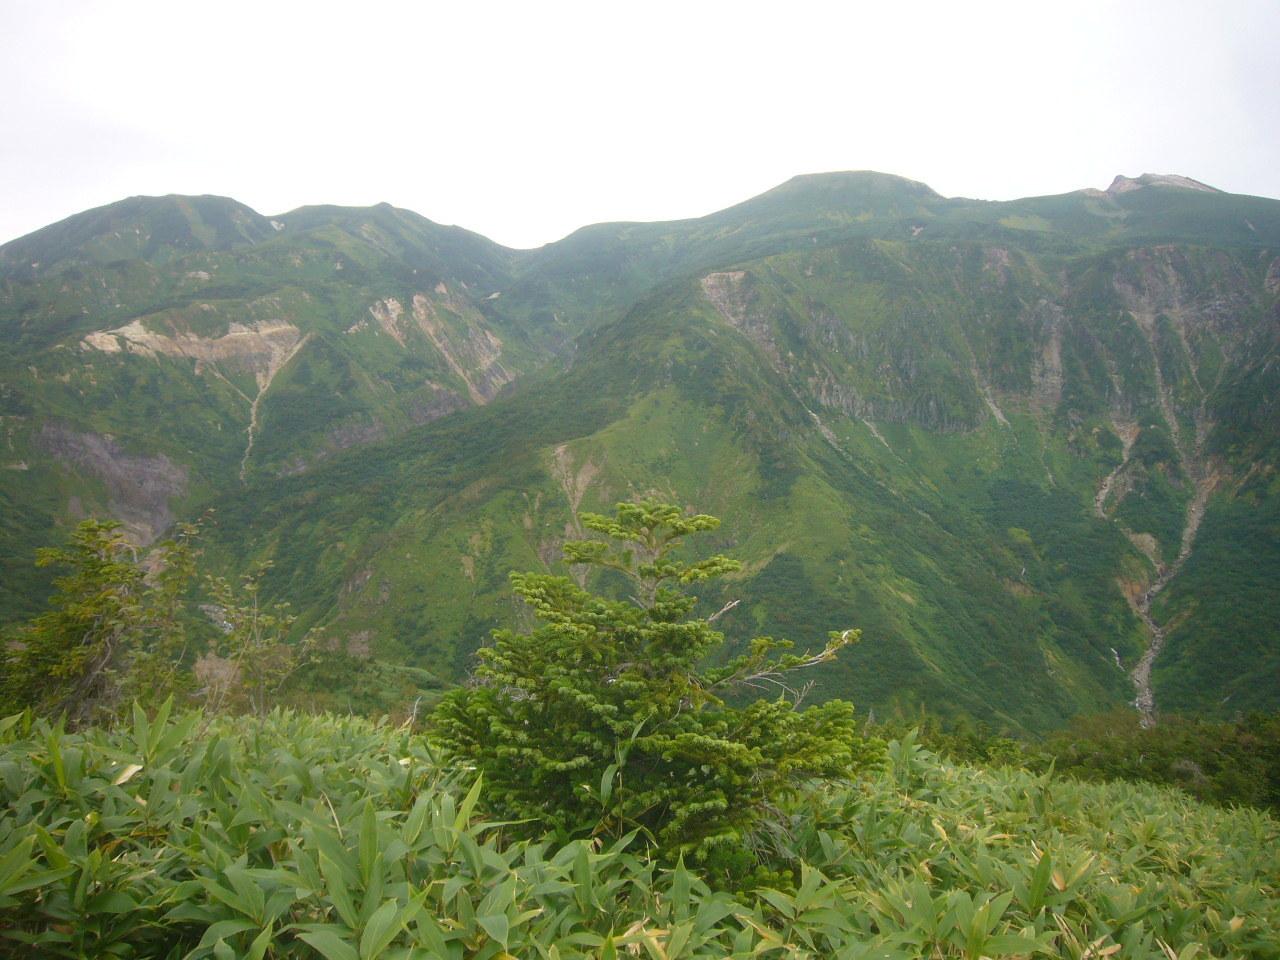 左から四塚山、七倉山、大汝峰、御前峰 H29.9.04